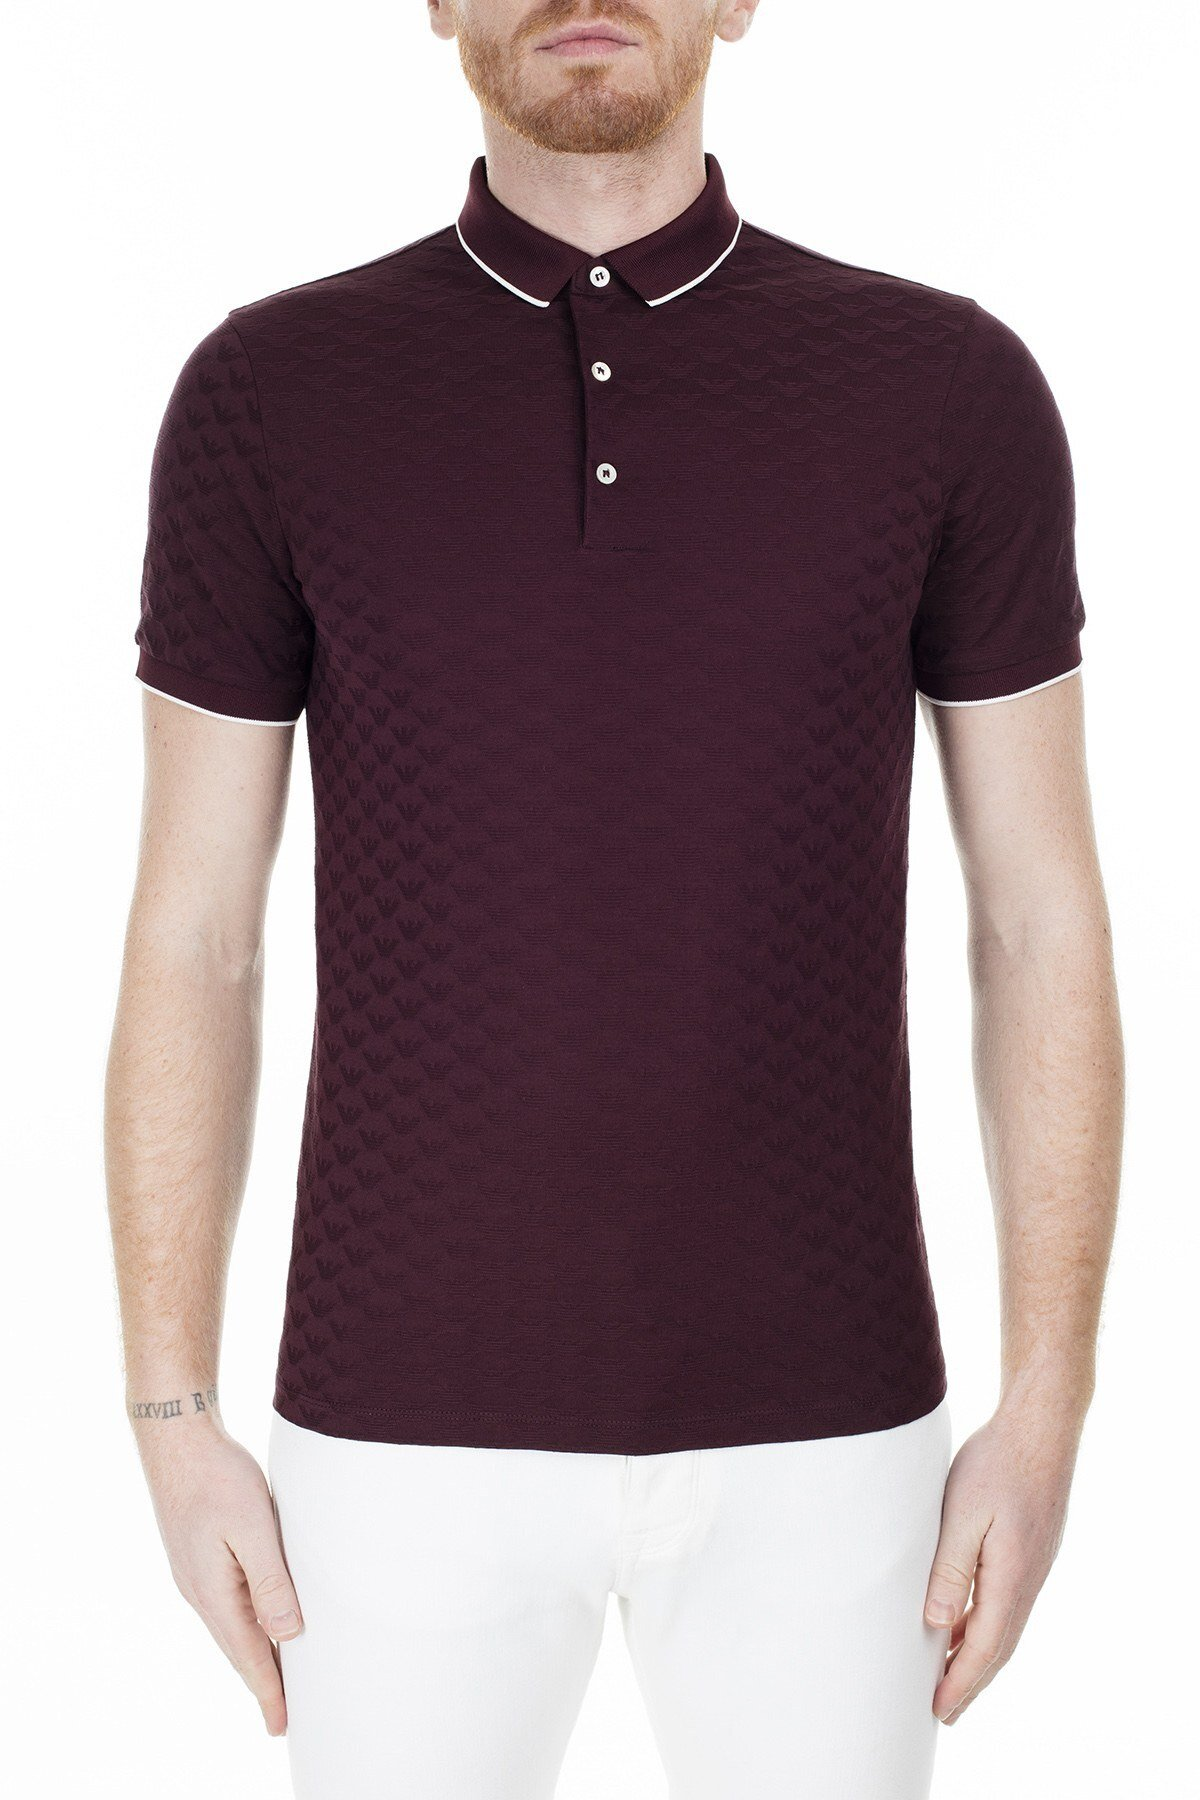 Emporio Armani T Shirt Erkek Polo S 6G1FP0 1JHWZ 0348 BORDO